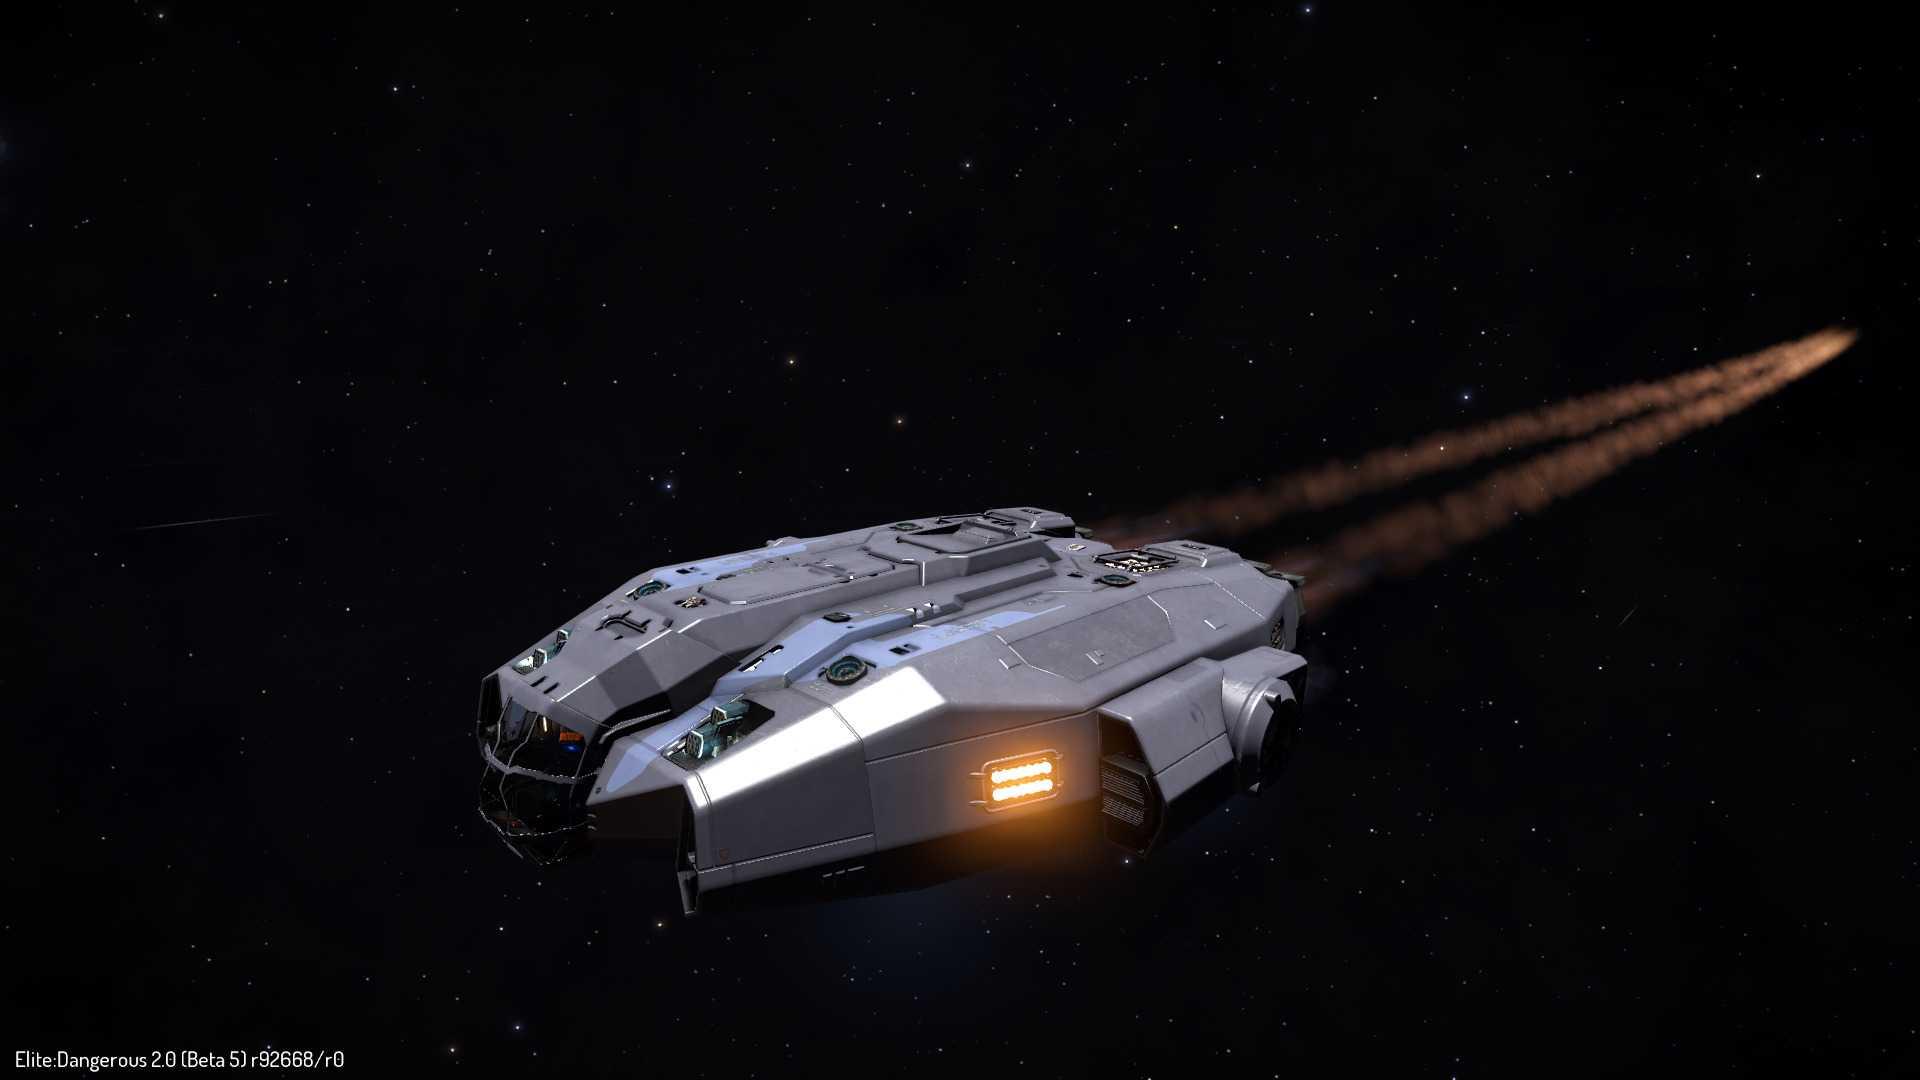 Tapferes, kleines Schiff – bei Star-Trek-Fans wird das Design des Keelback Erinnerungen wecken.